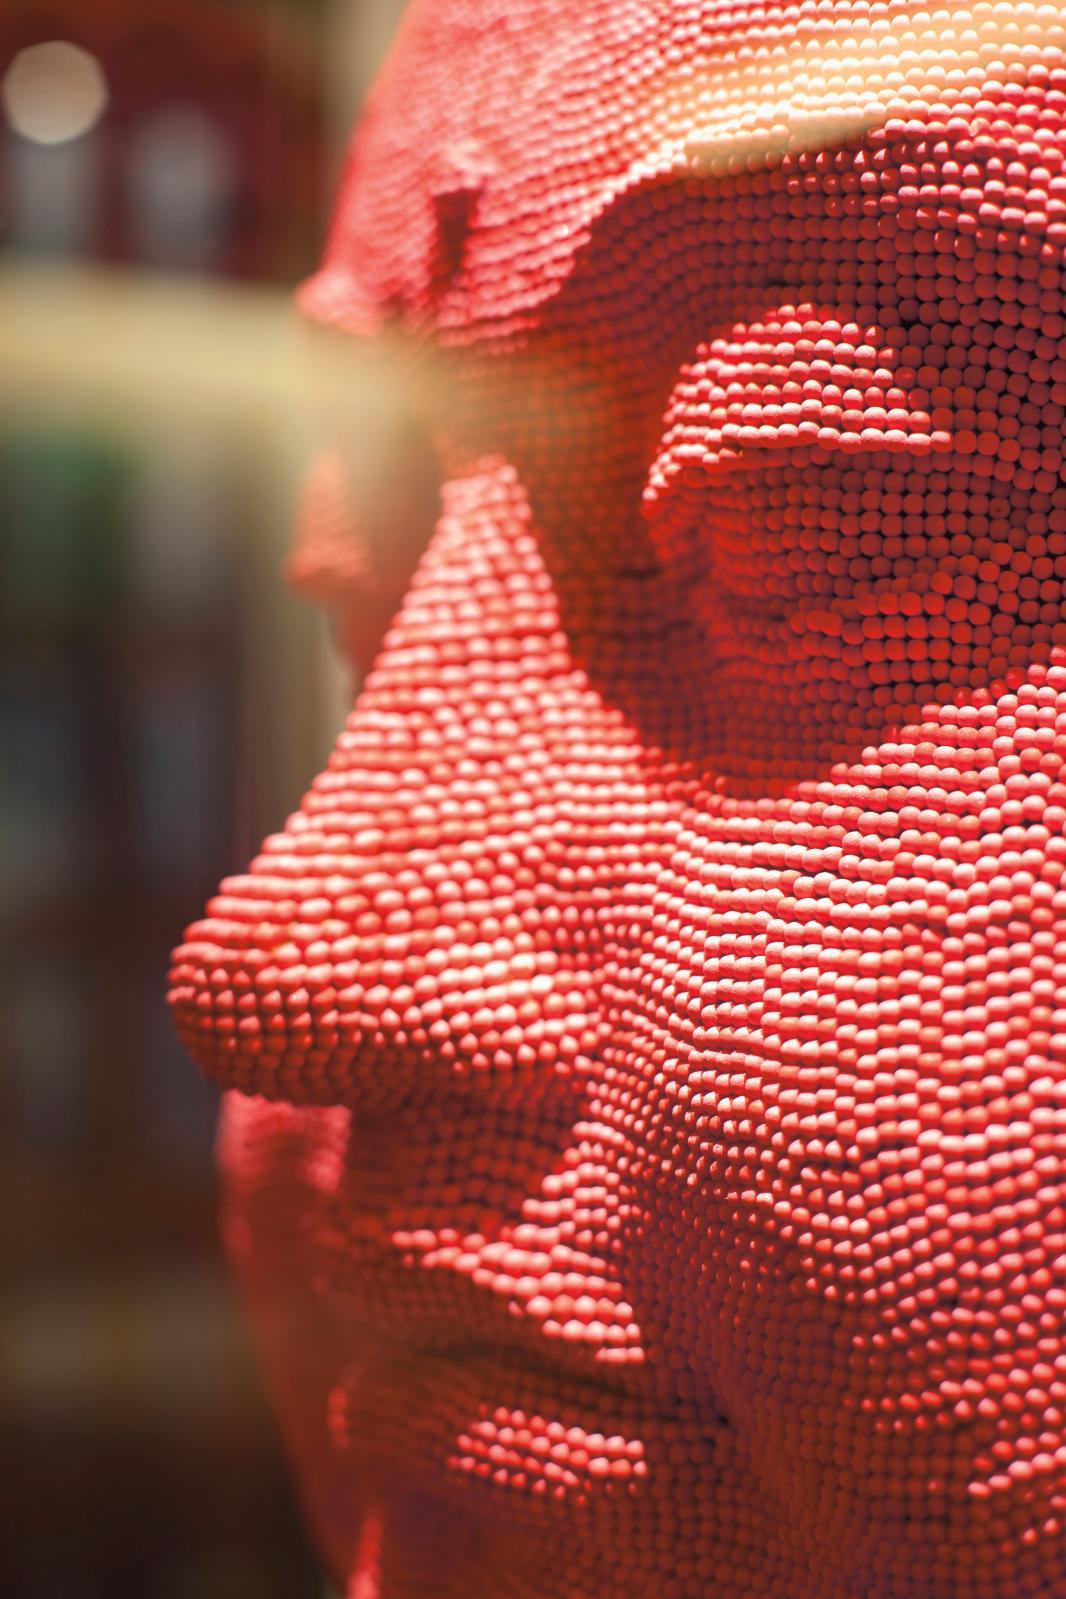 Tête de bouddha, assemblage d'allumettes rouges par David Mach (né en 1956).